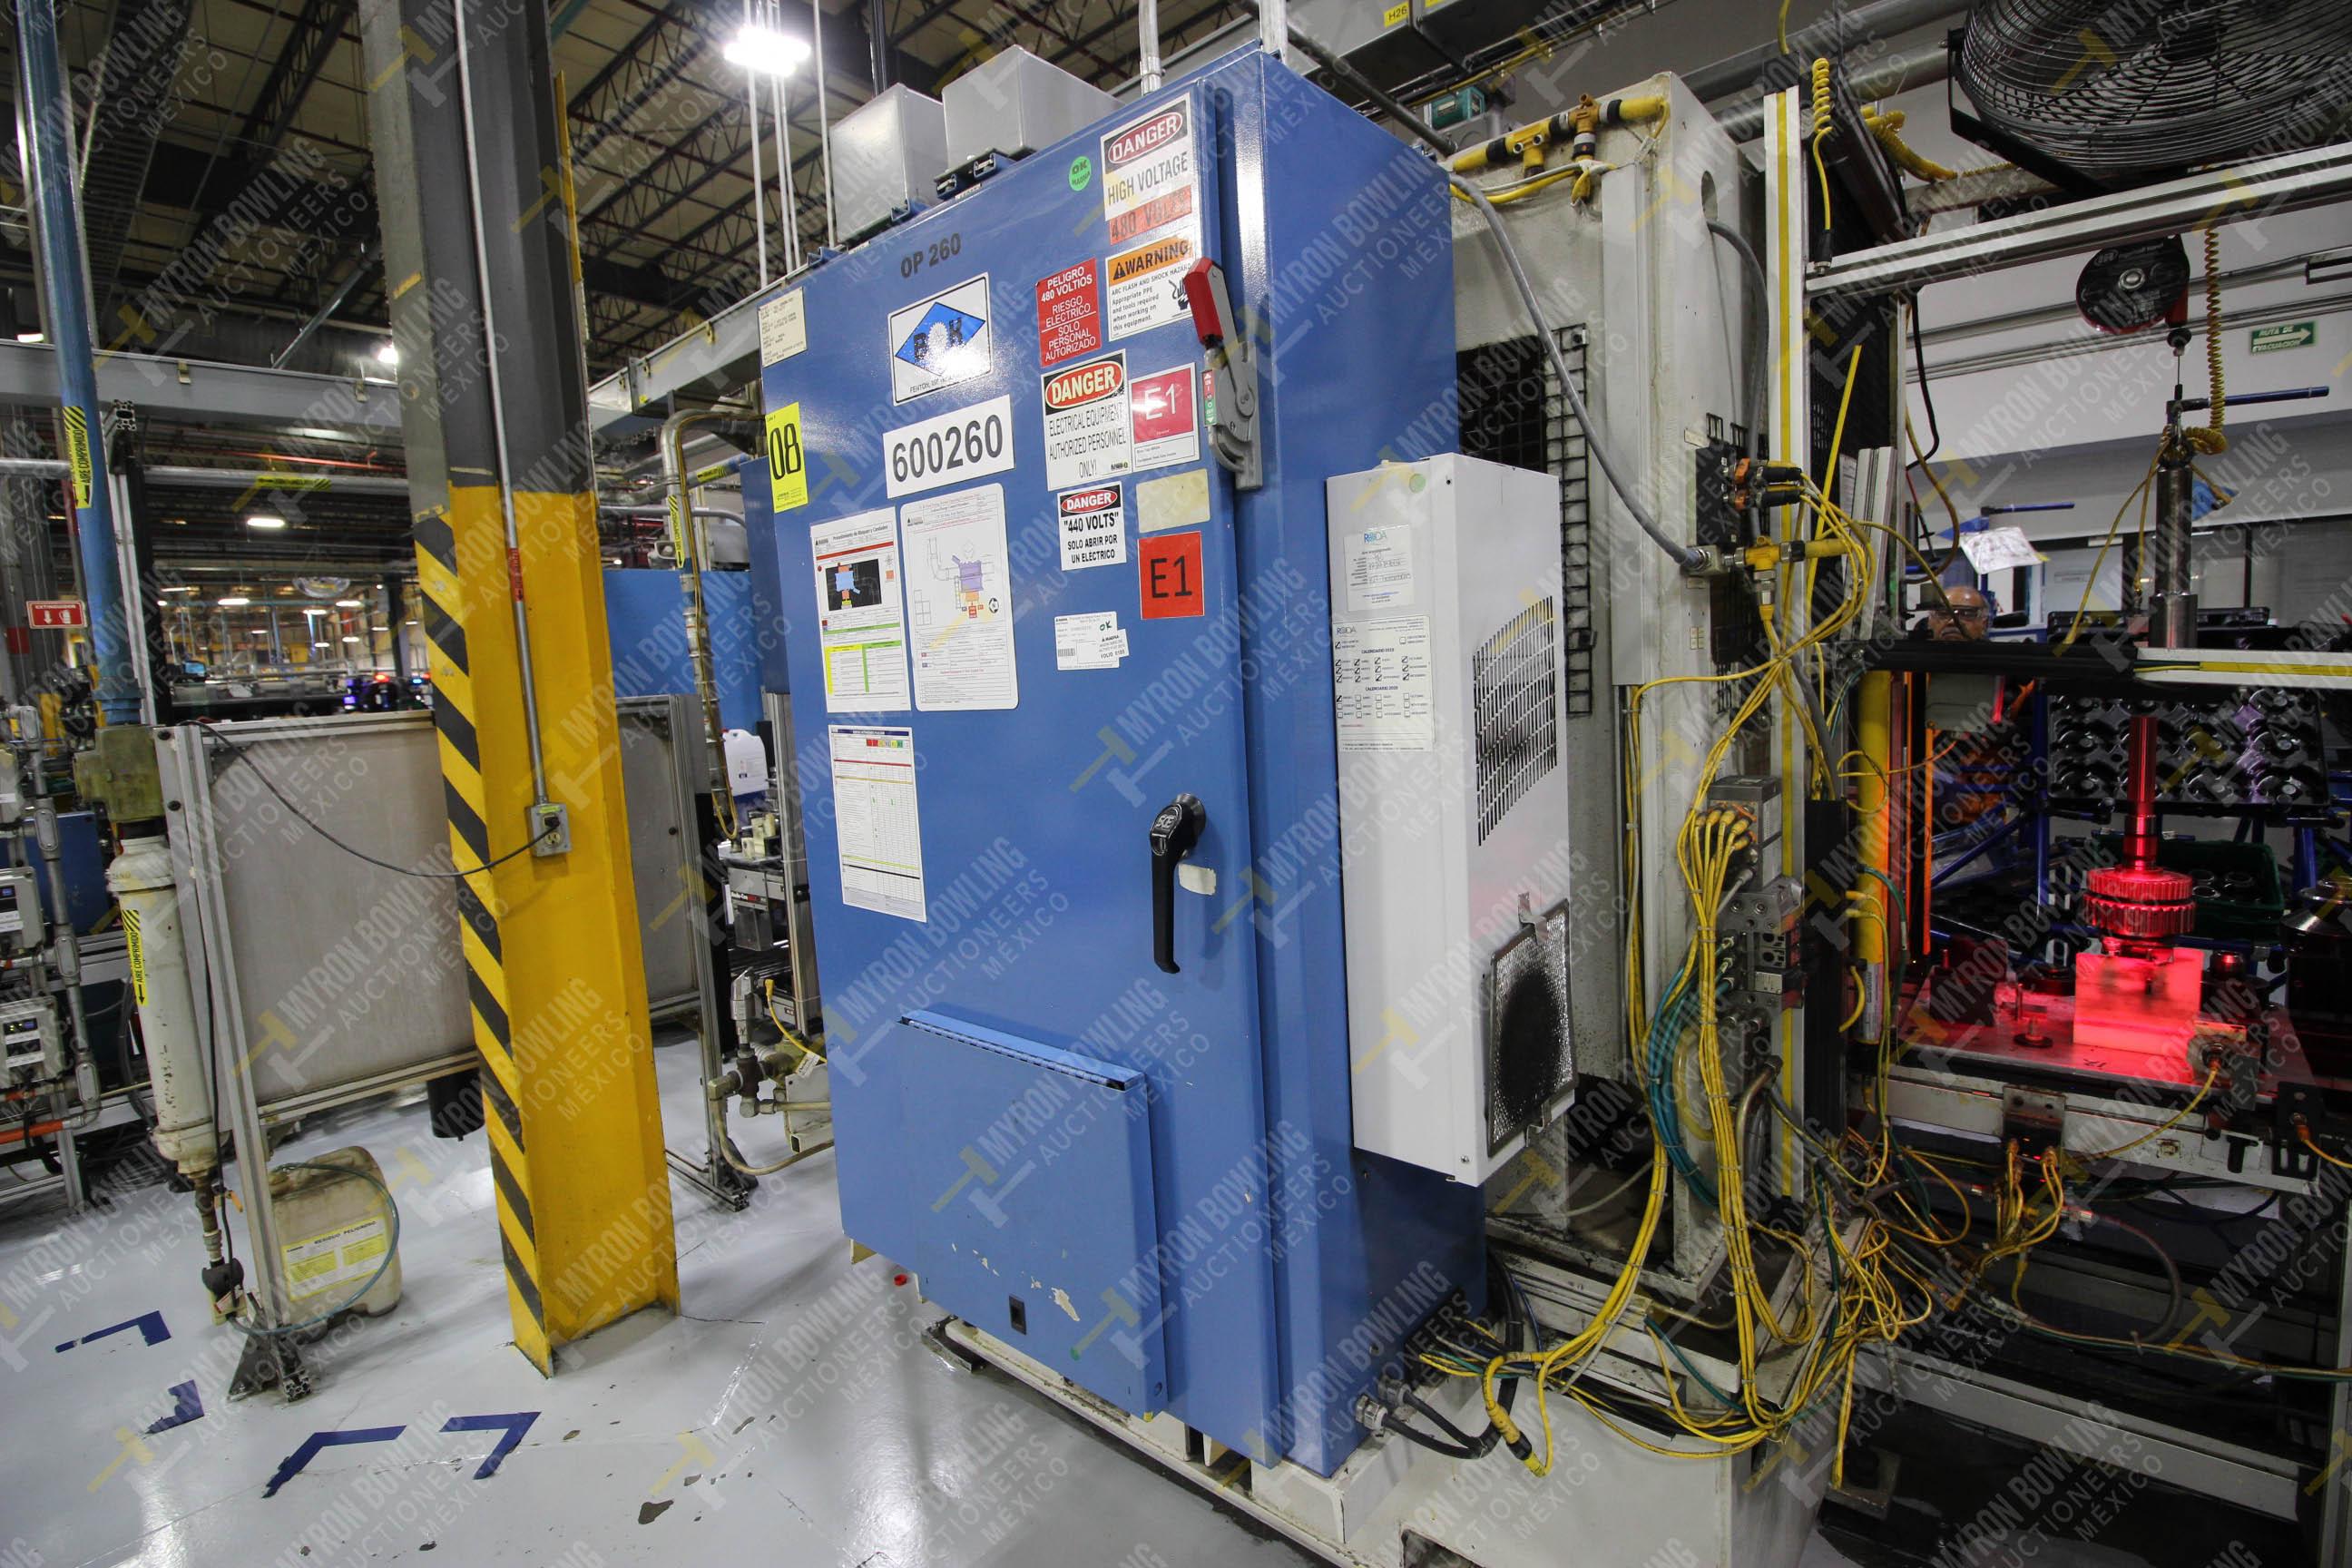 Estación semiautomática para operación 260 de ensamble - Image 9 of 20